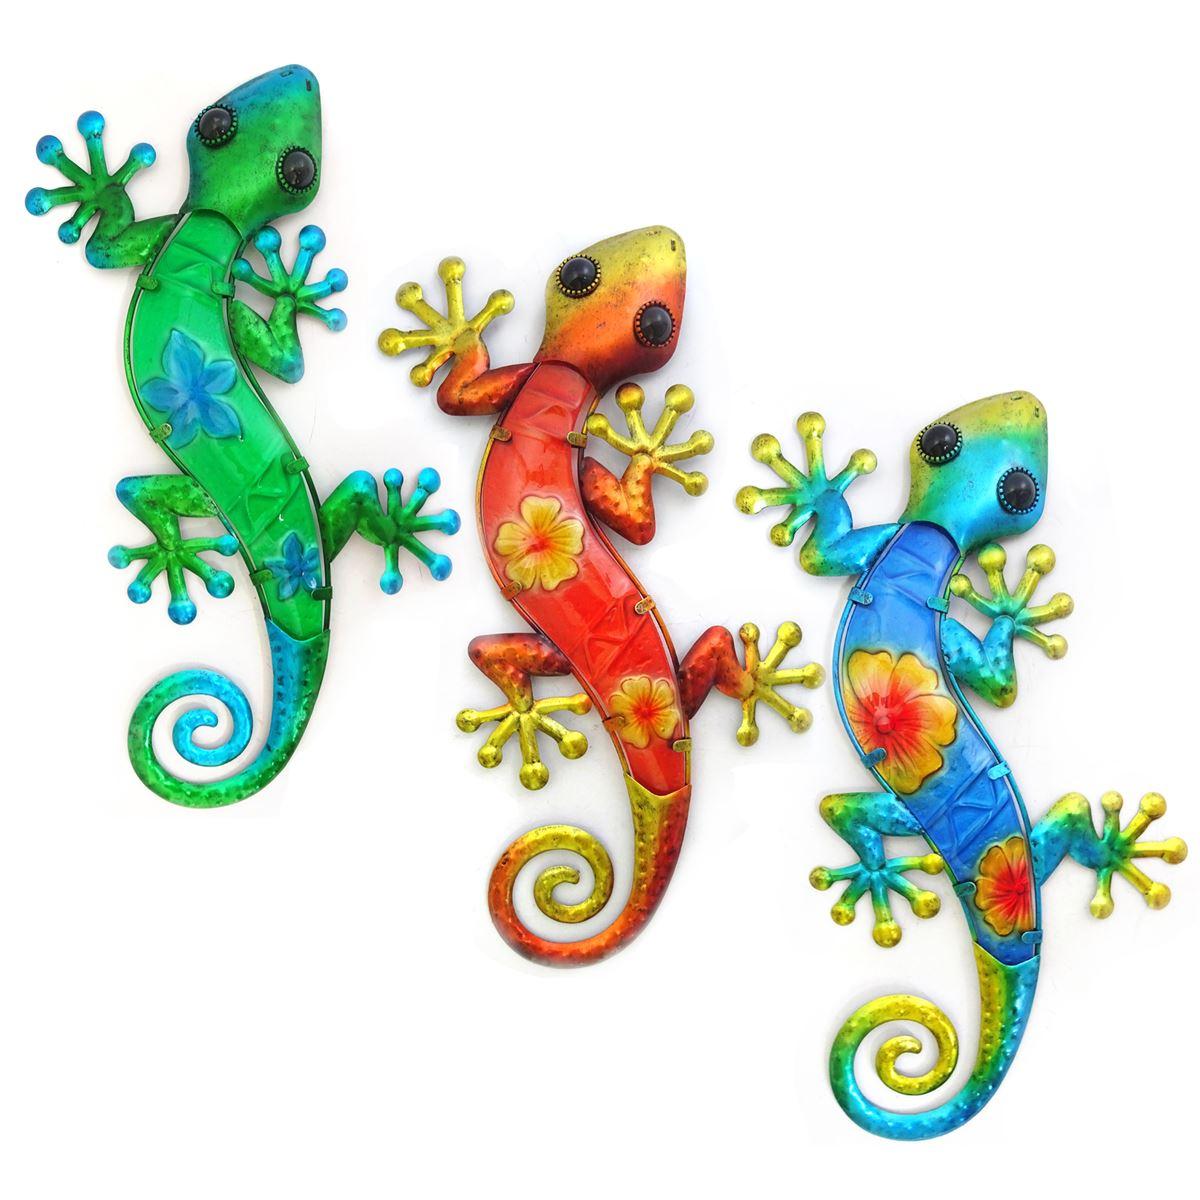 wanddecoratie salamanders XL in diverse kleuren